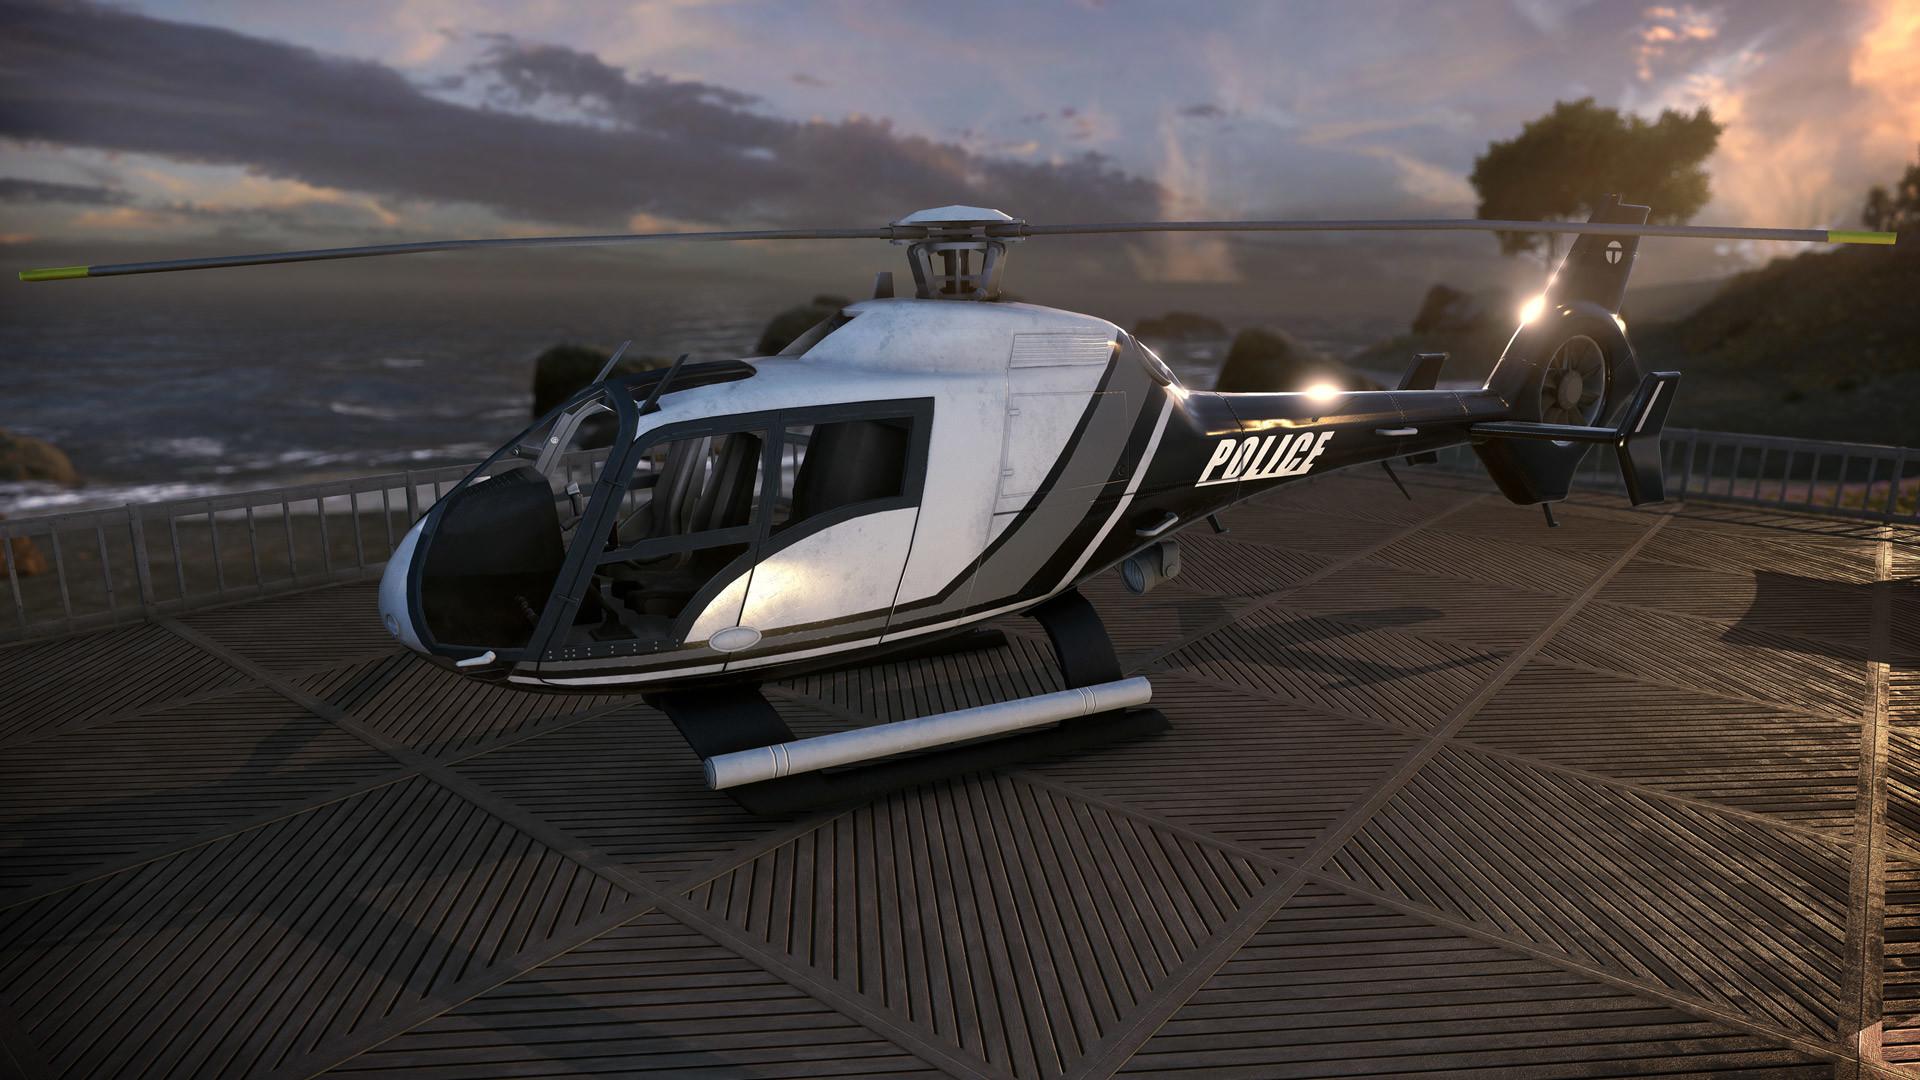 Alex jay brady bfhl scout helicopter